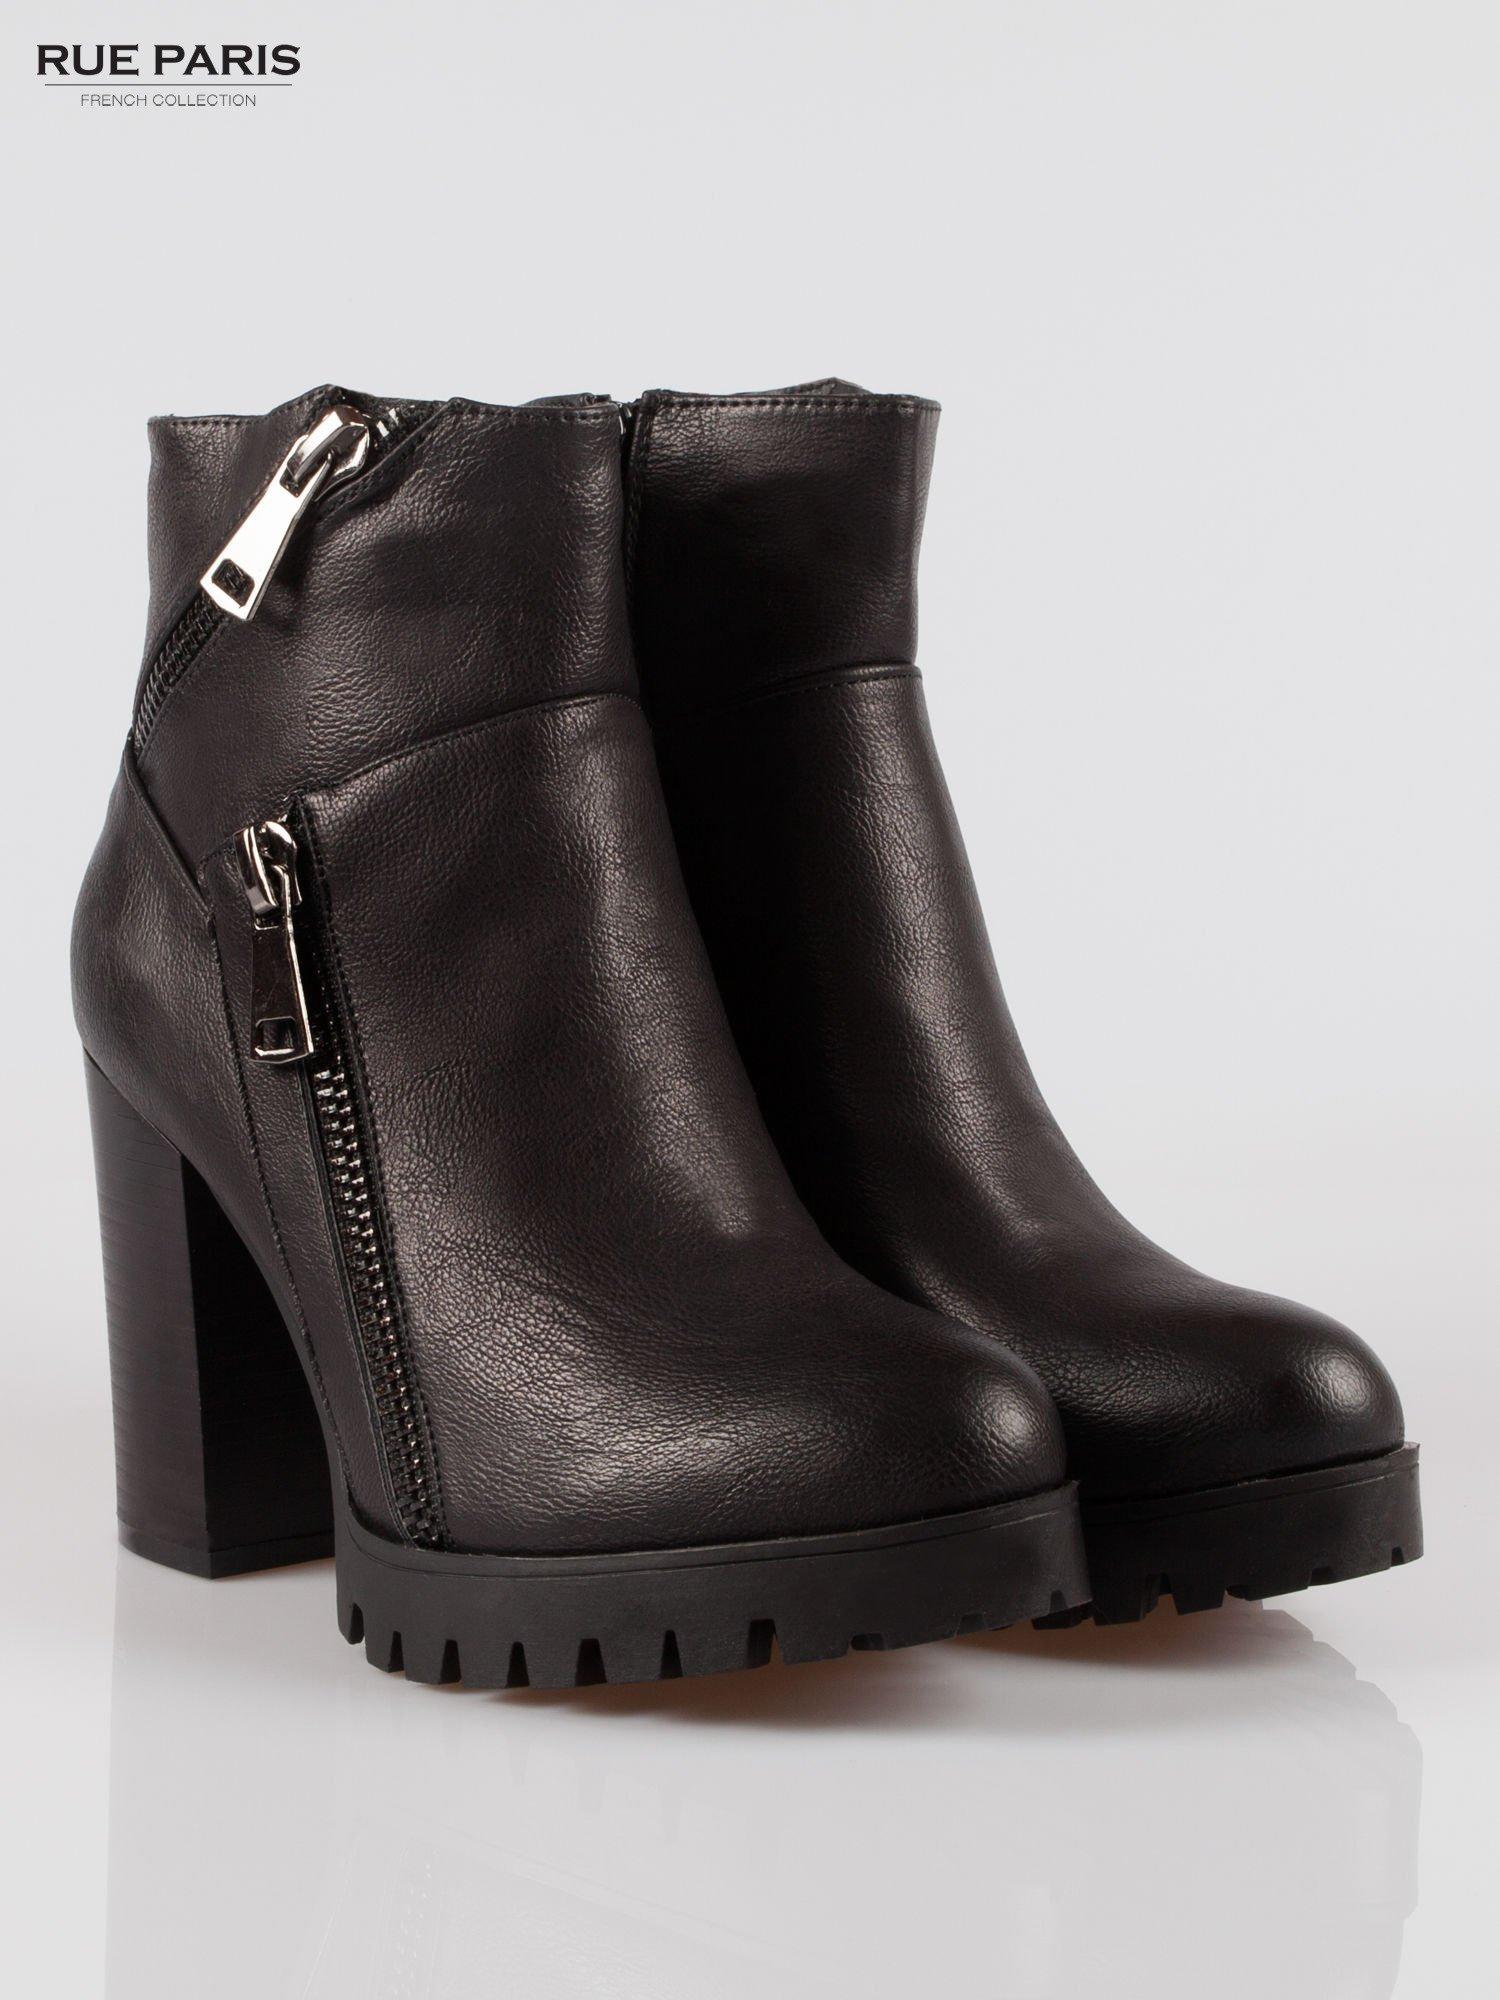 Czarne botki na słupku z zamkami w stylu biker boots                                  zdj.                                  2